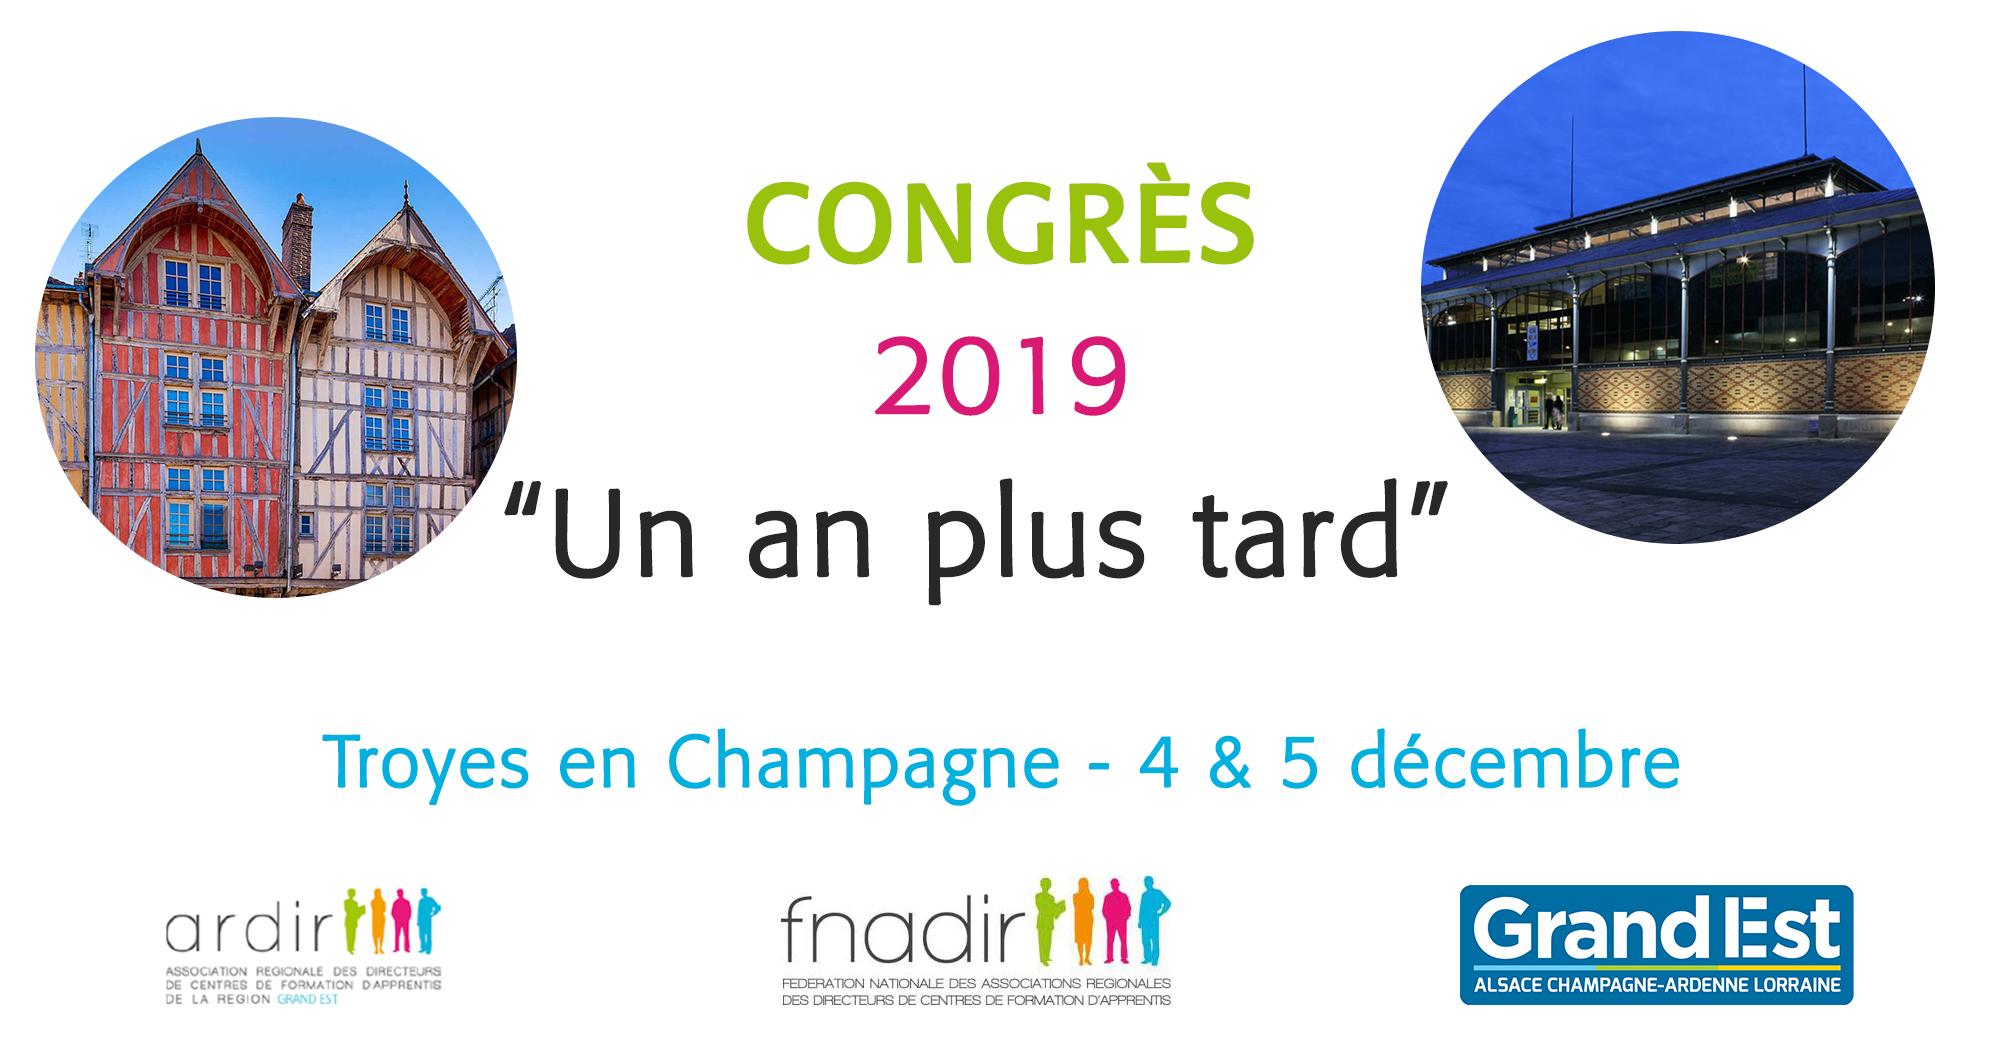 congres fnadir 2019